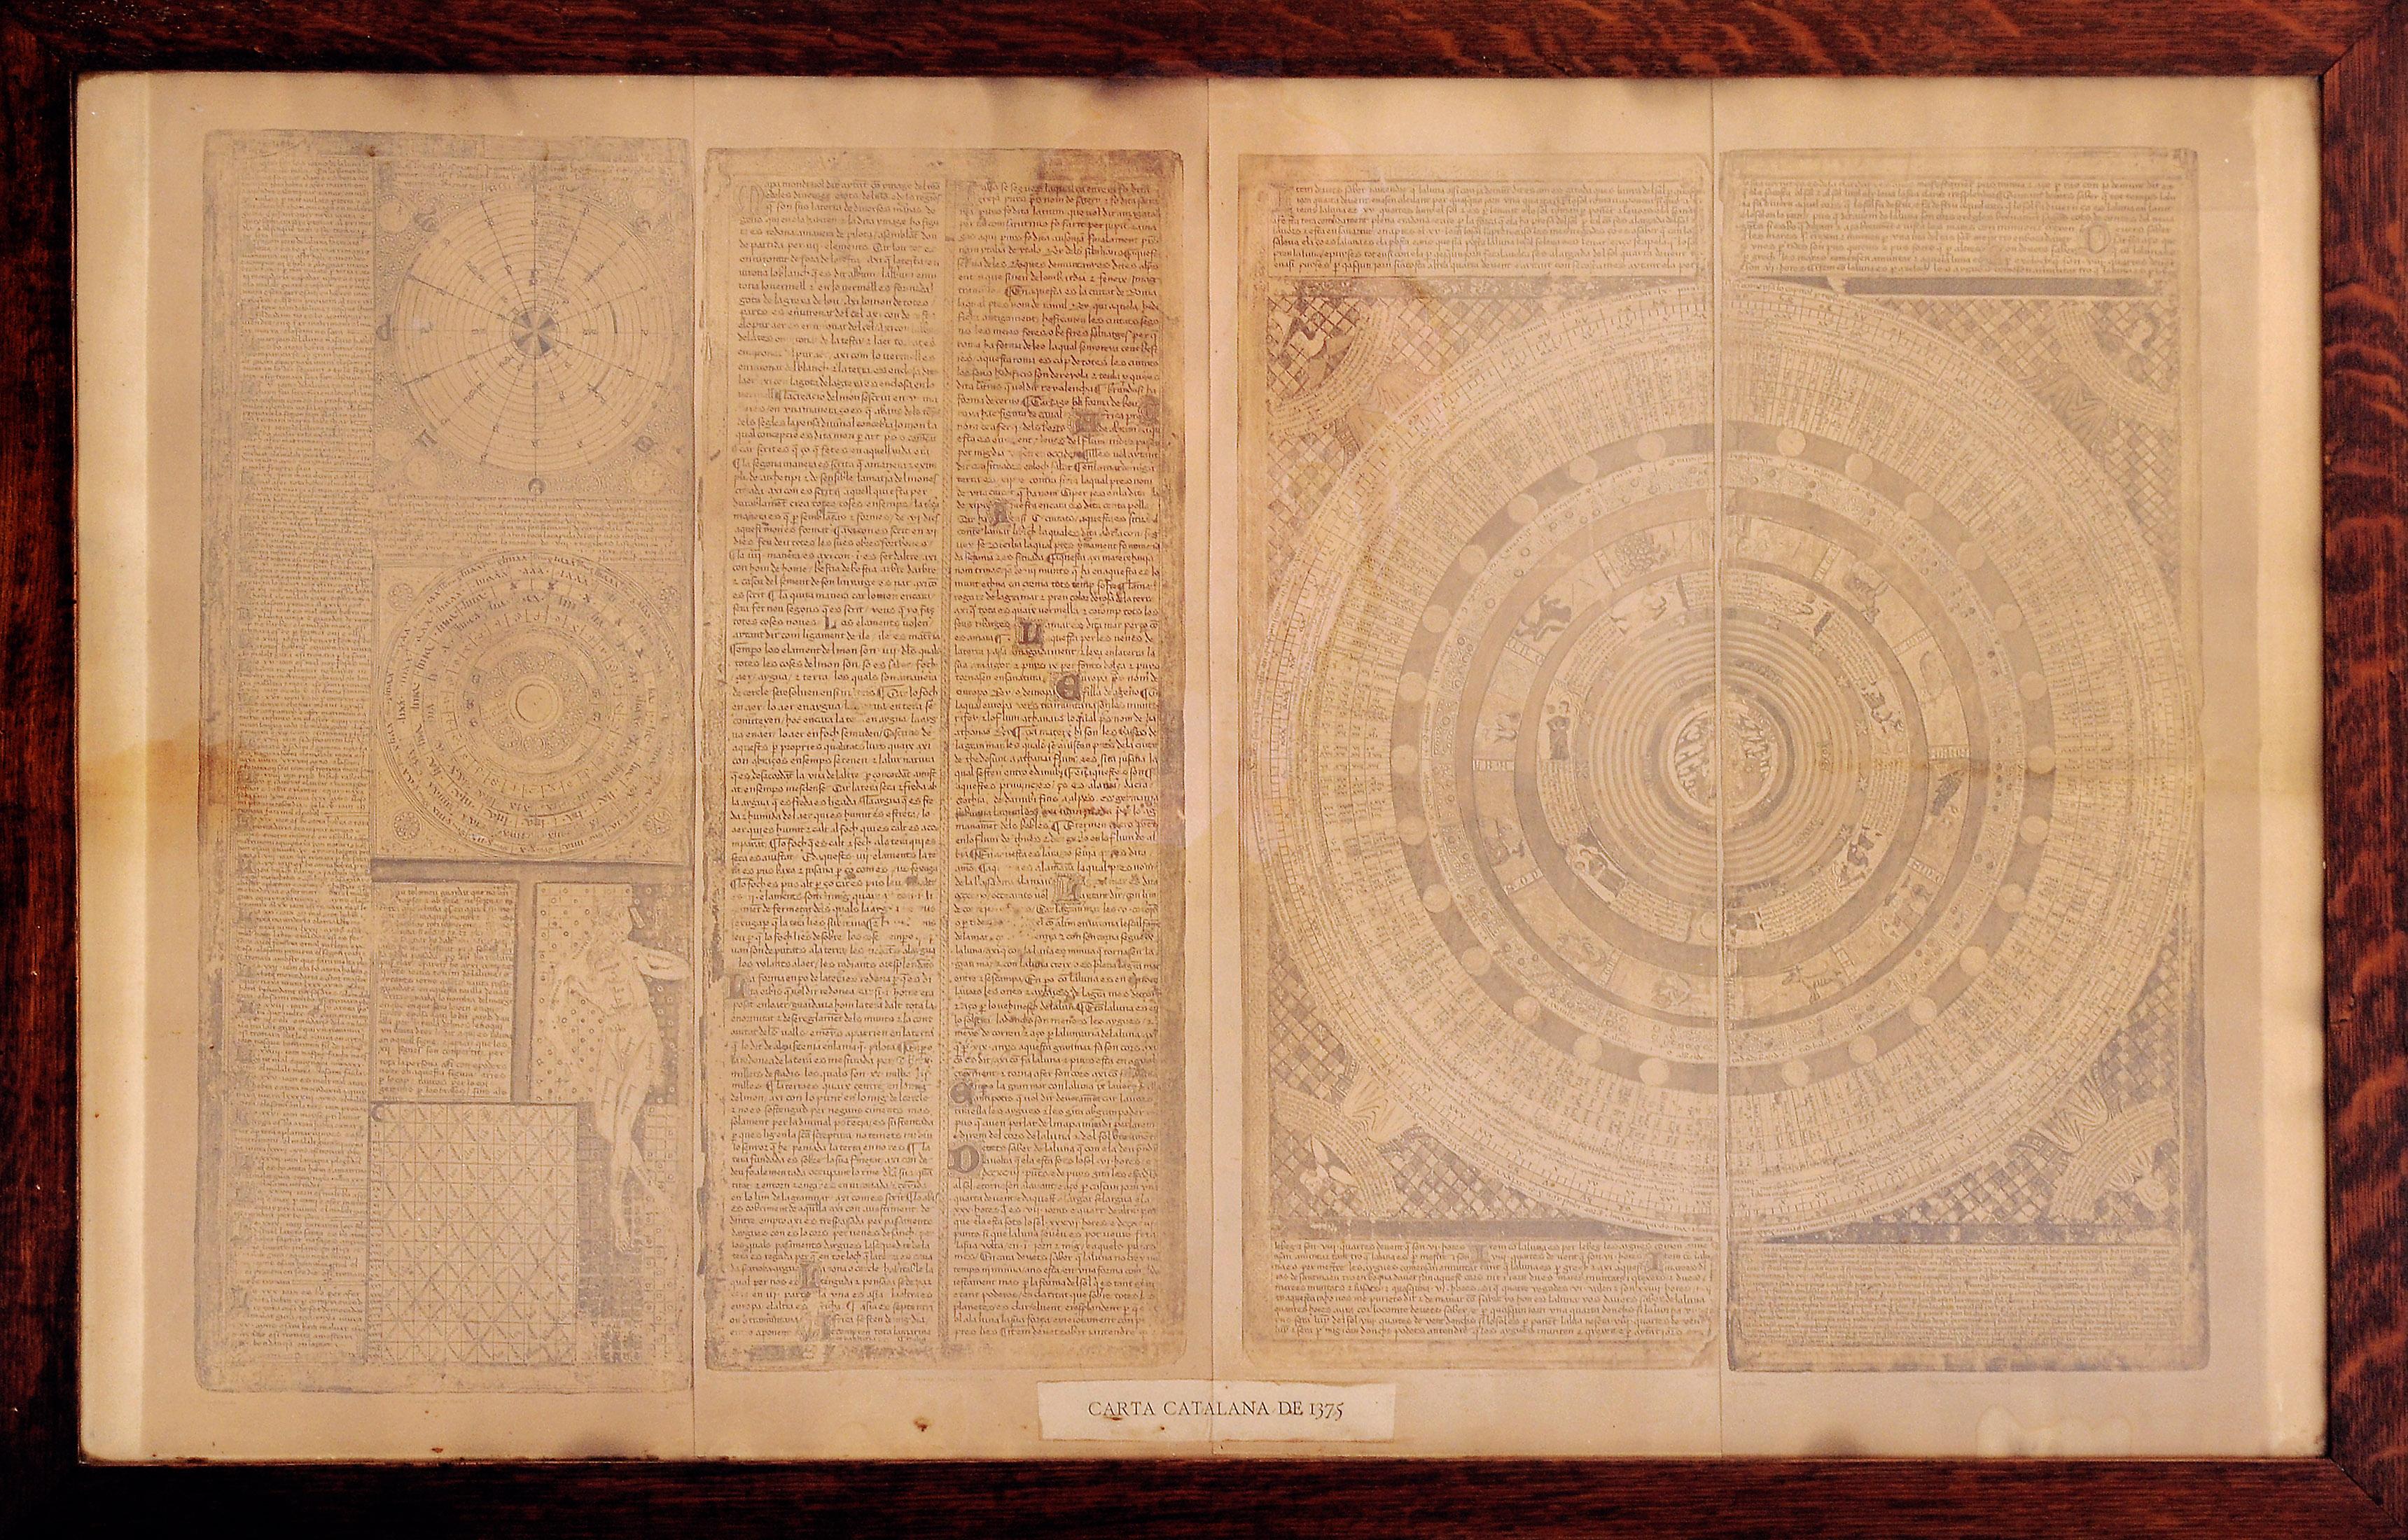 Carta catalana de 1375 d'Abraham Cresques.